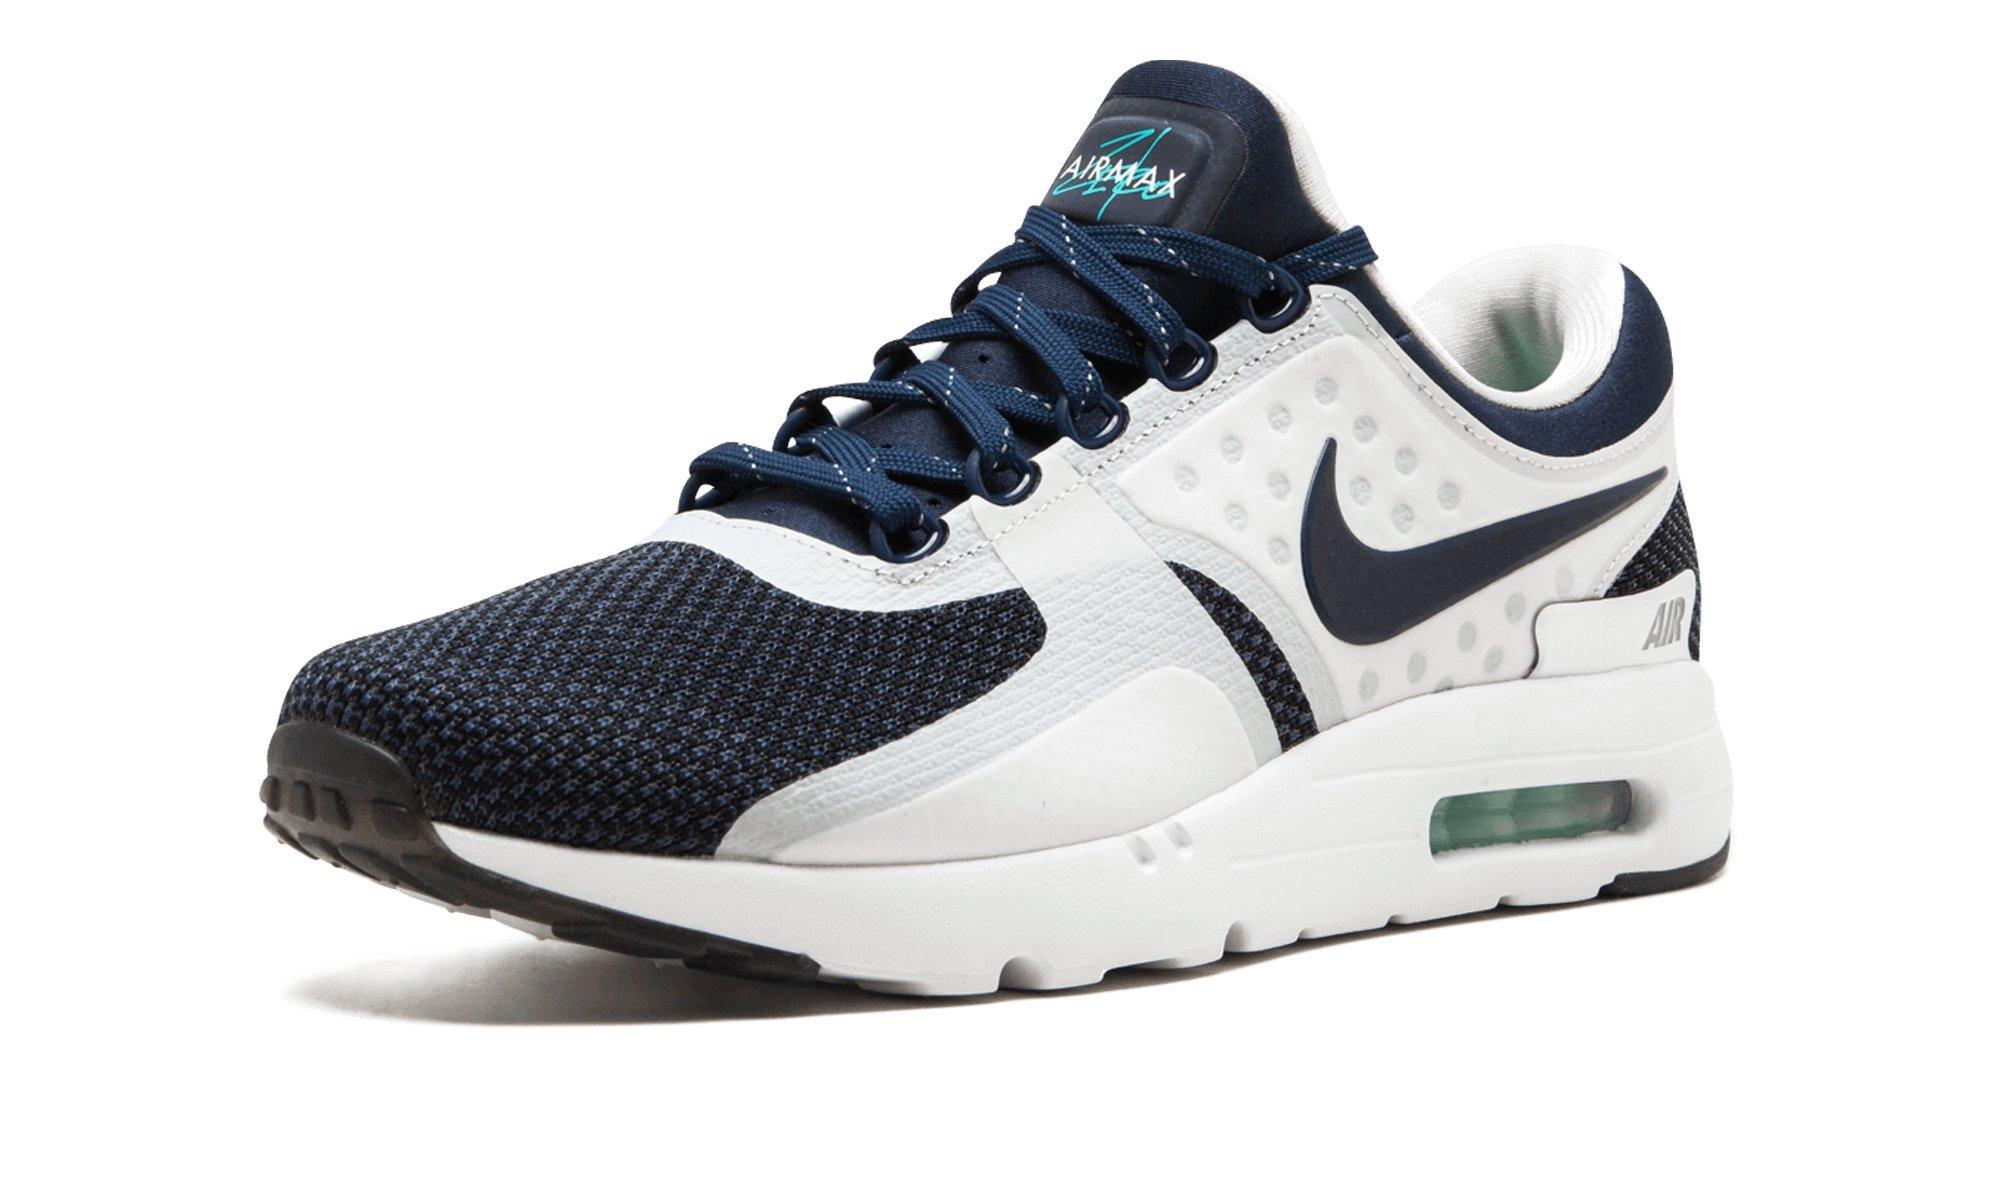 8304d2dcaa Galleon - Nike Air Max Zero QS - 789695 104